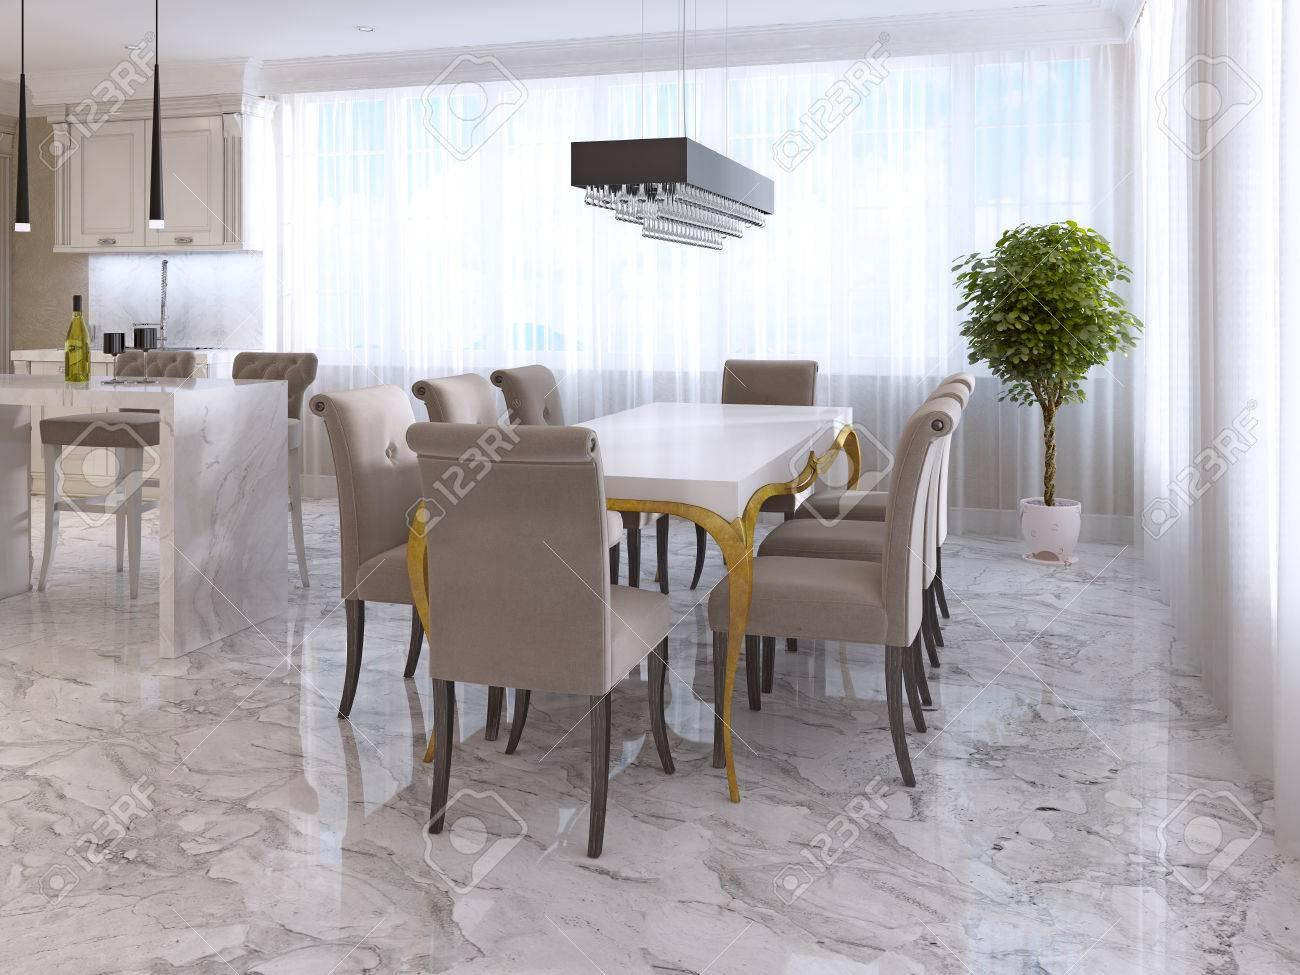 Liebenswert Esstisch Stühle Beige Foto Von Großer Für Acht Im Stil Des Art